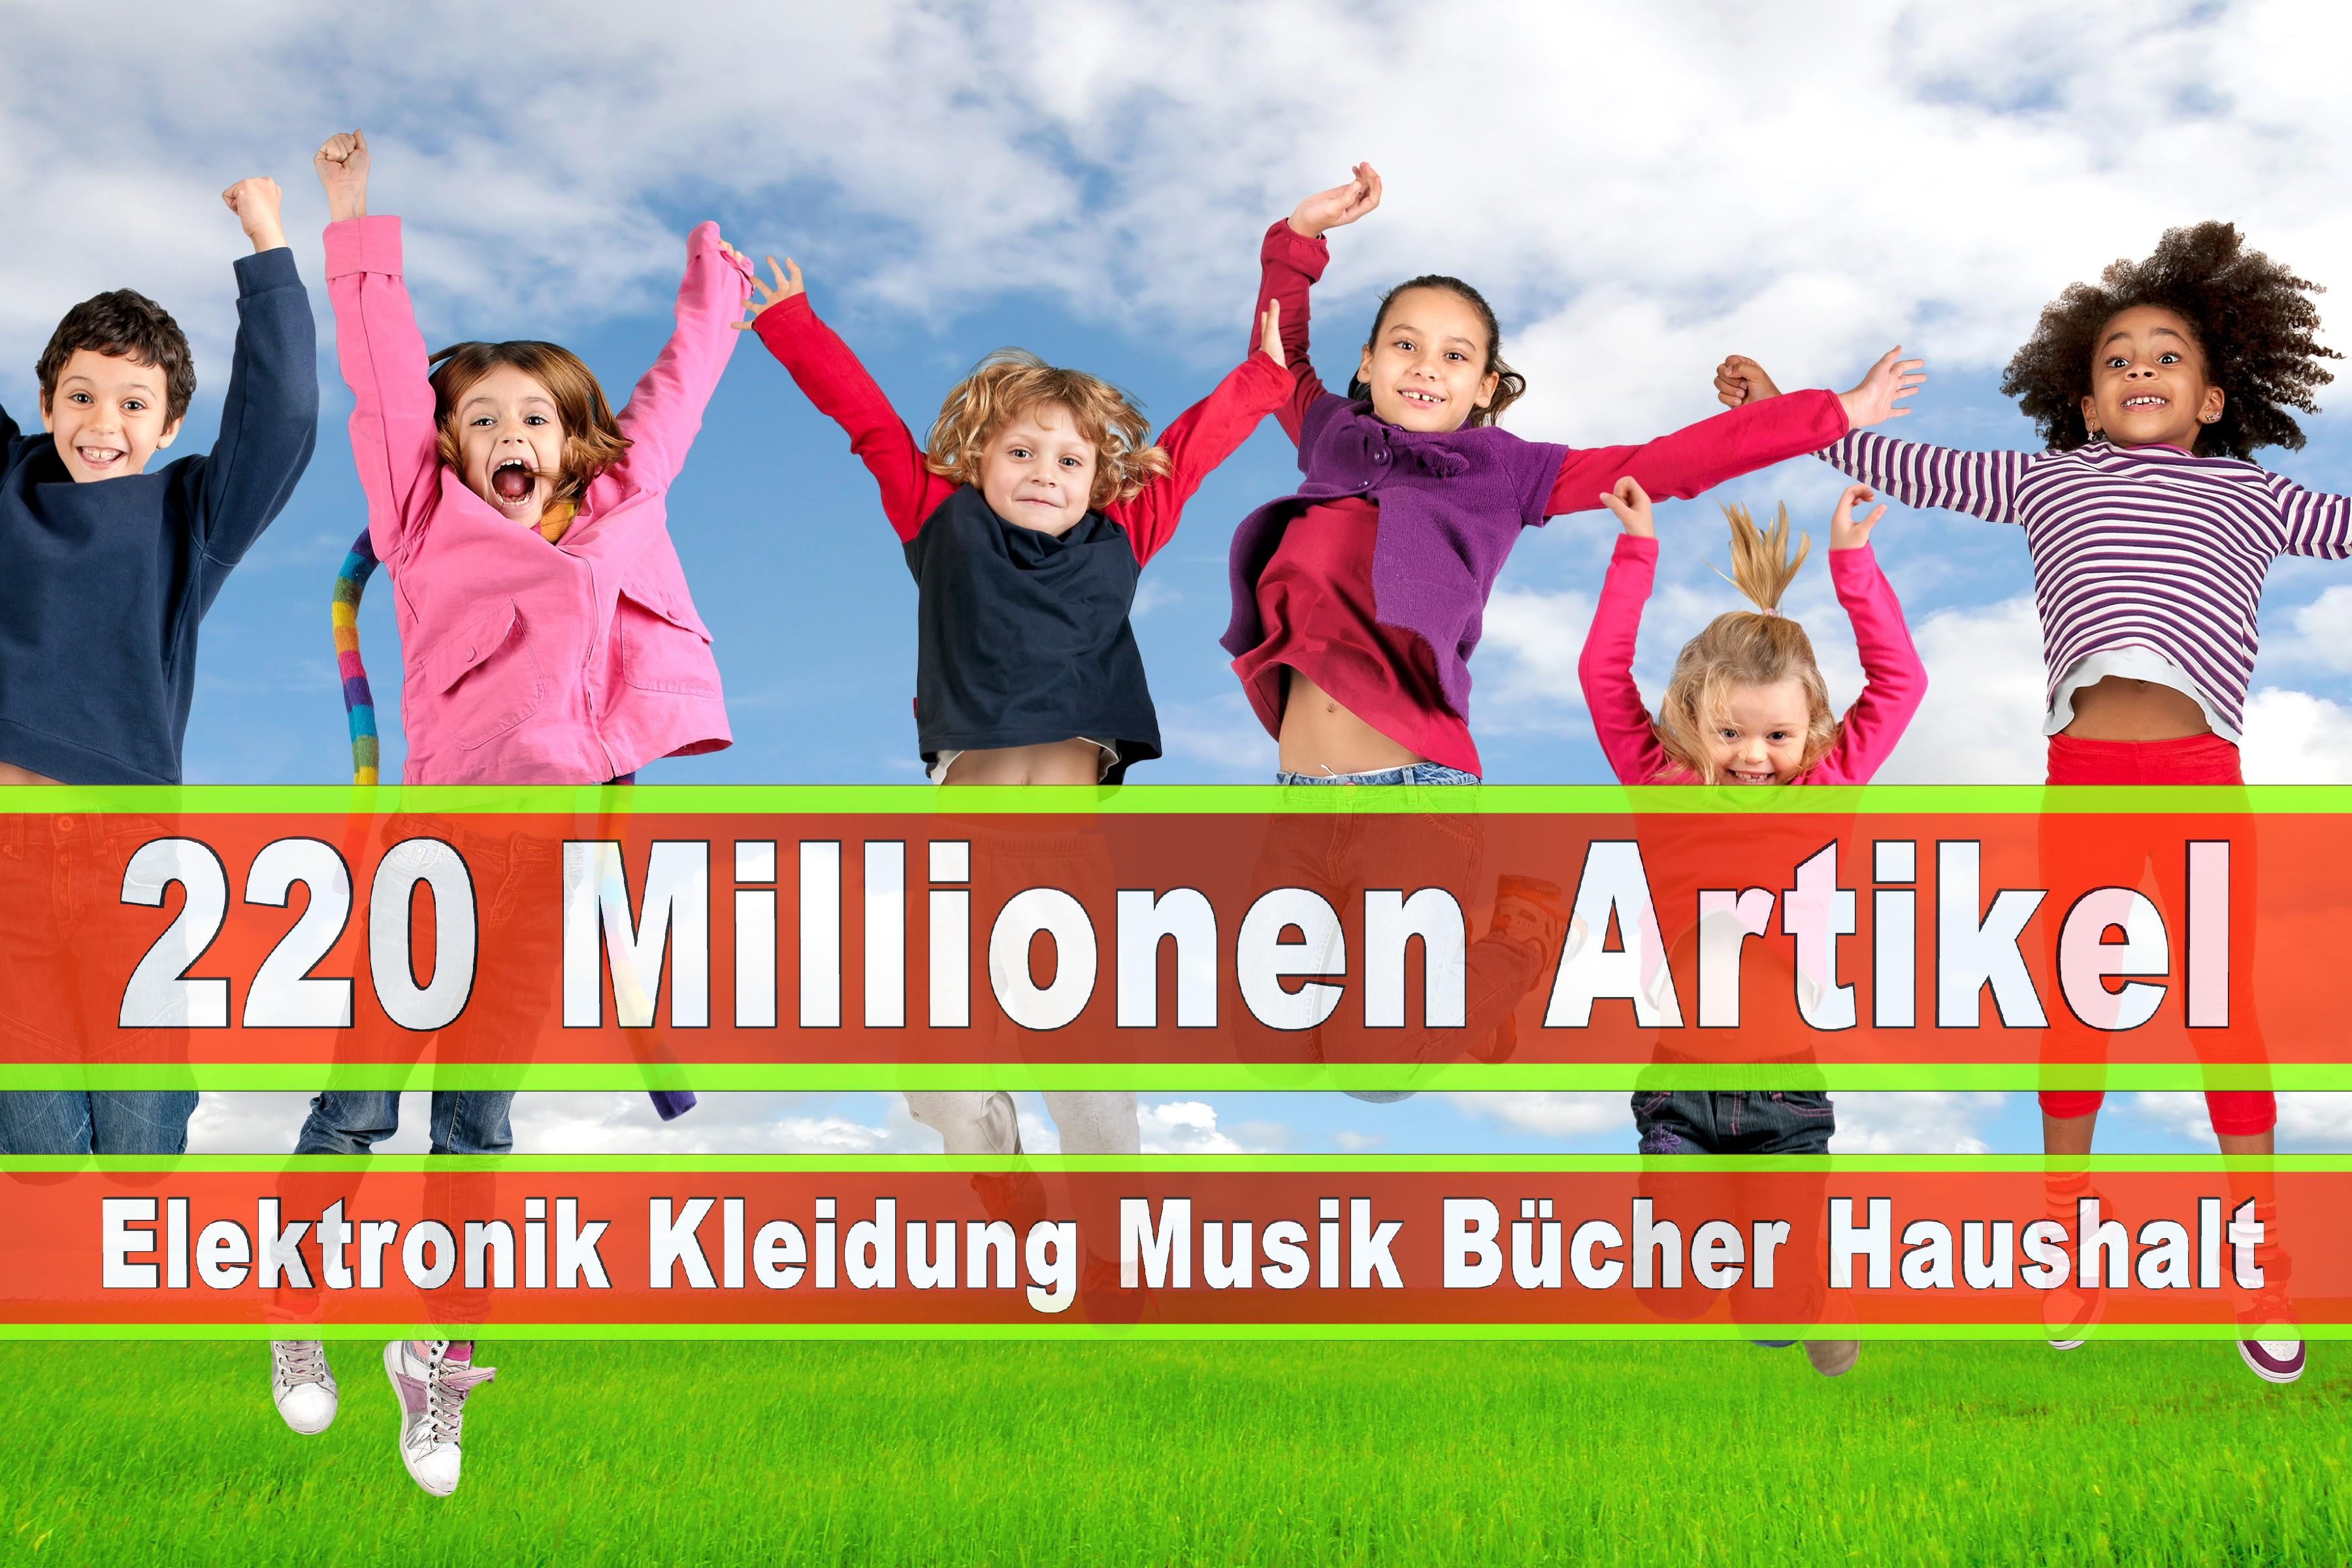 Amazon Elektronik Musik Haushalt Bücher CD DVD Handys Smartphones TV Television Fernseher Kleidung Mode Ebay Versandhaus (77)